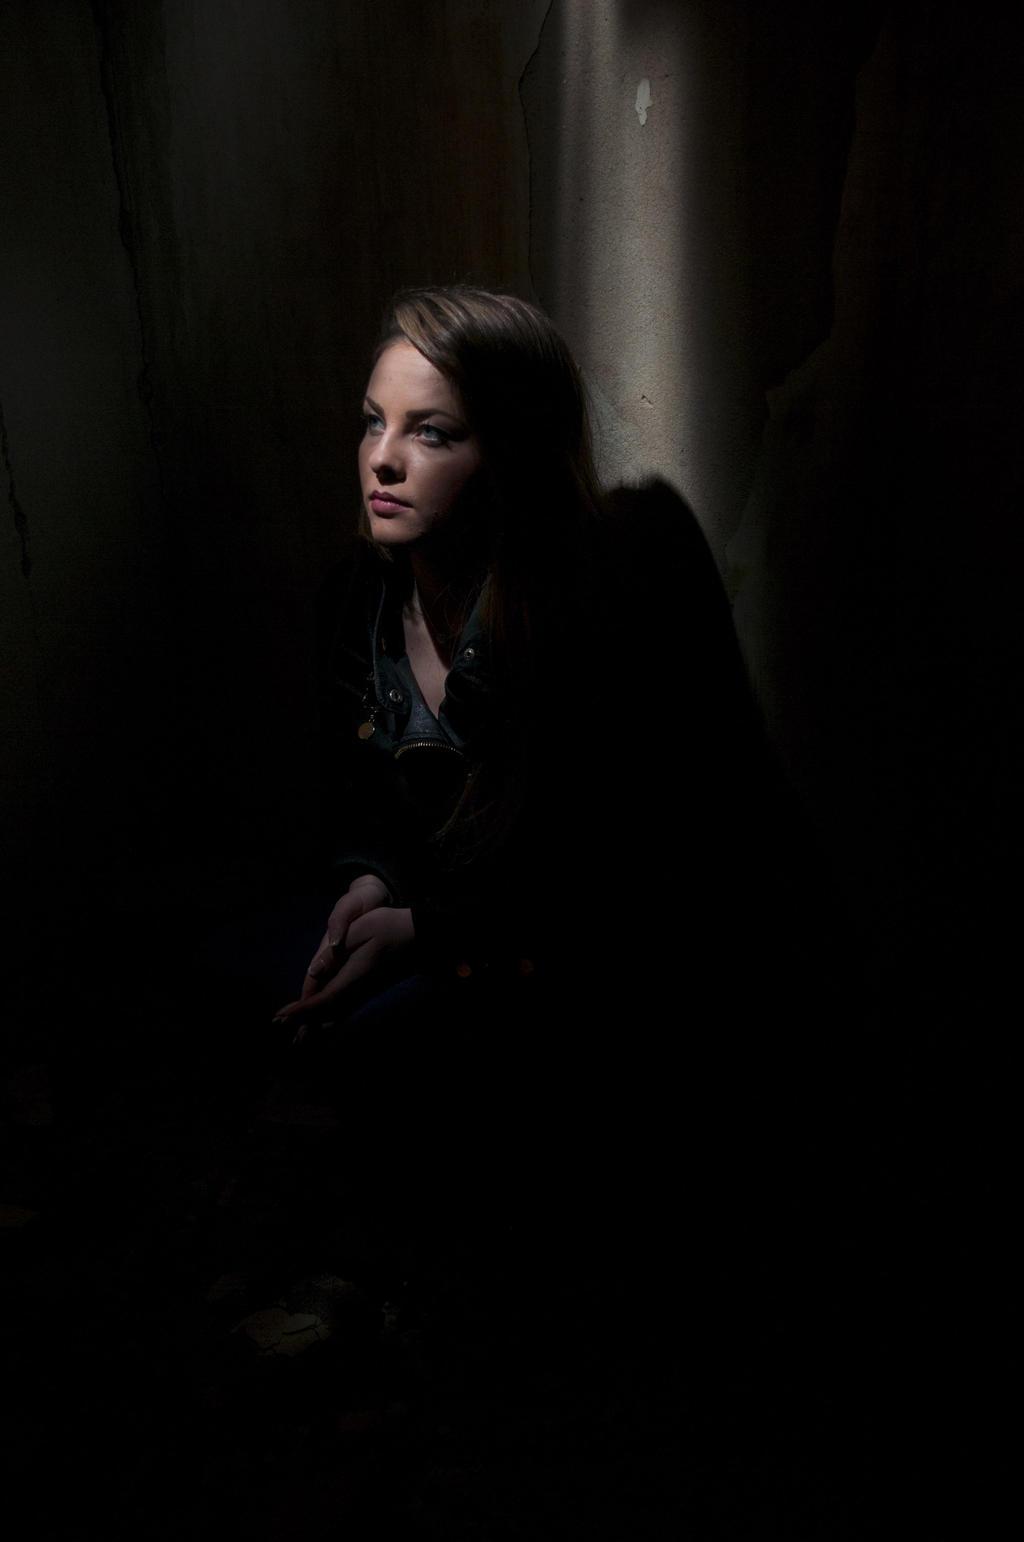 Beauty in a dark corner